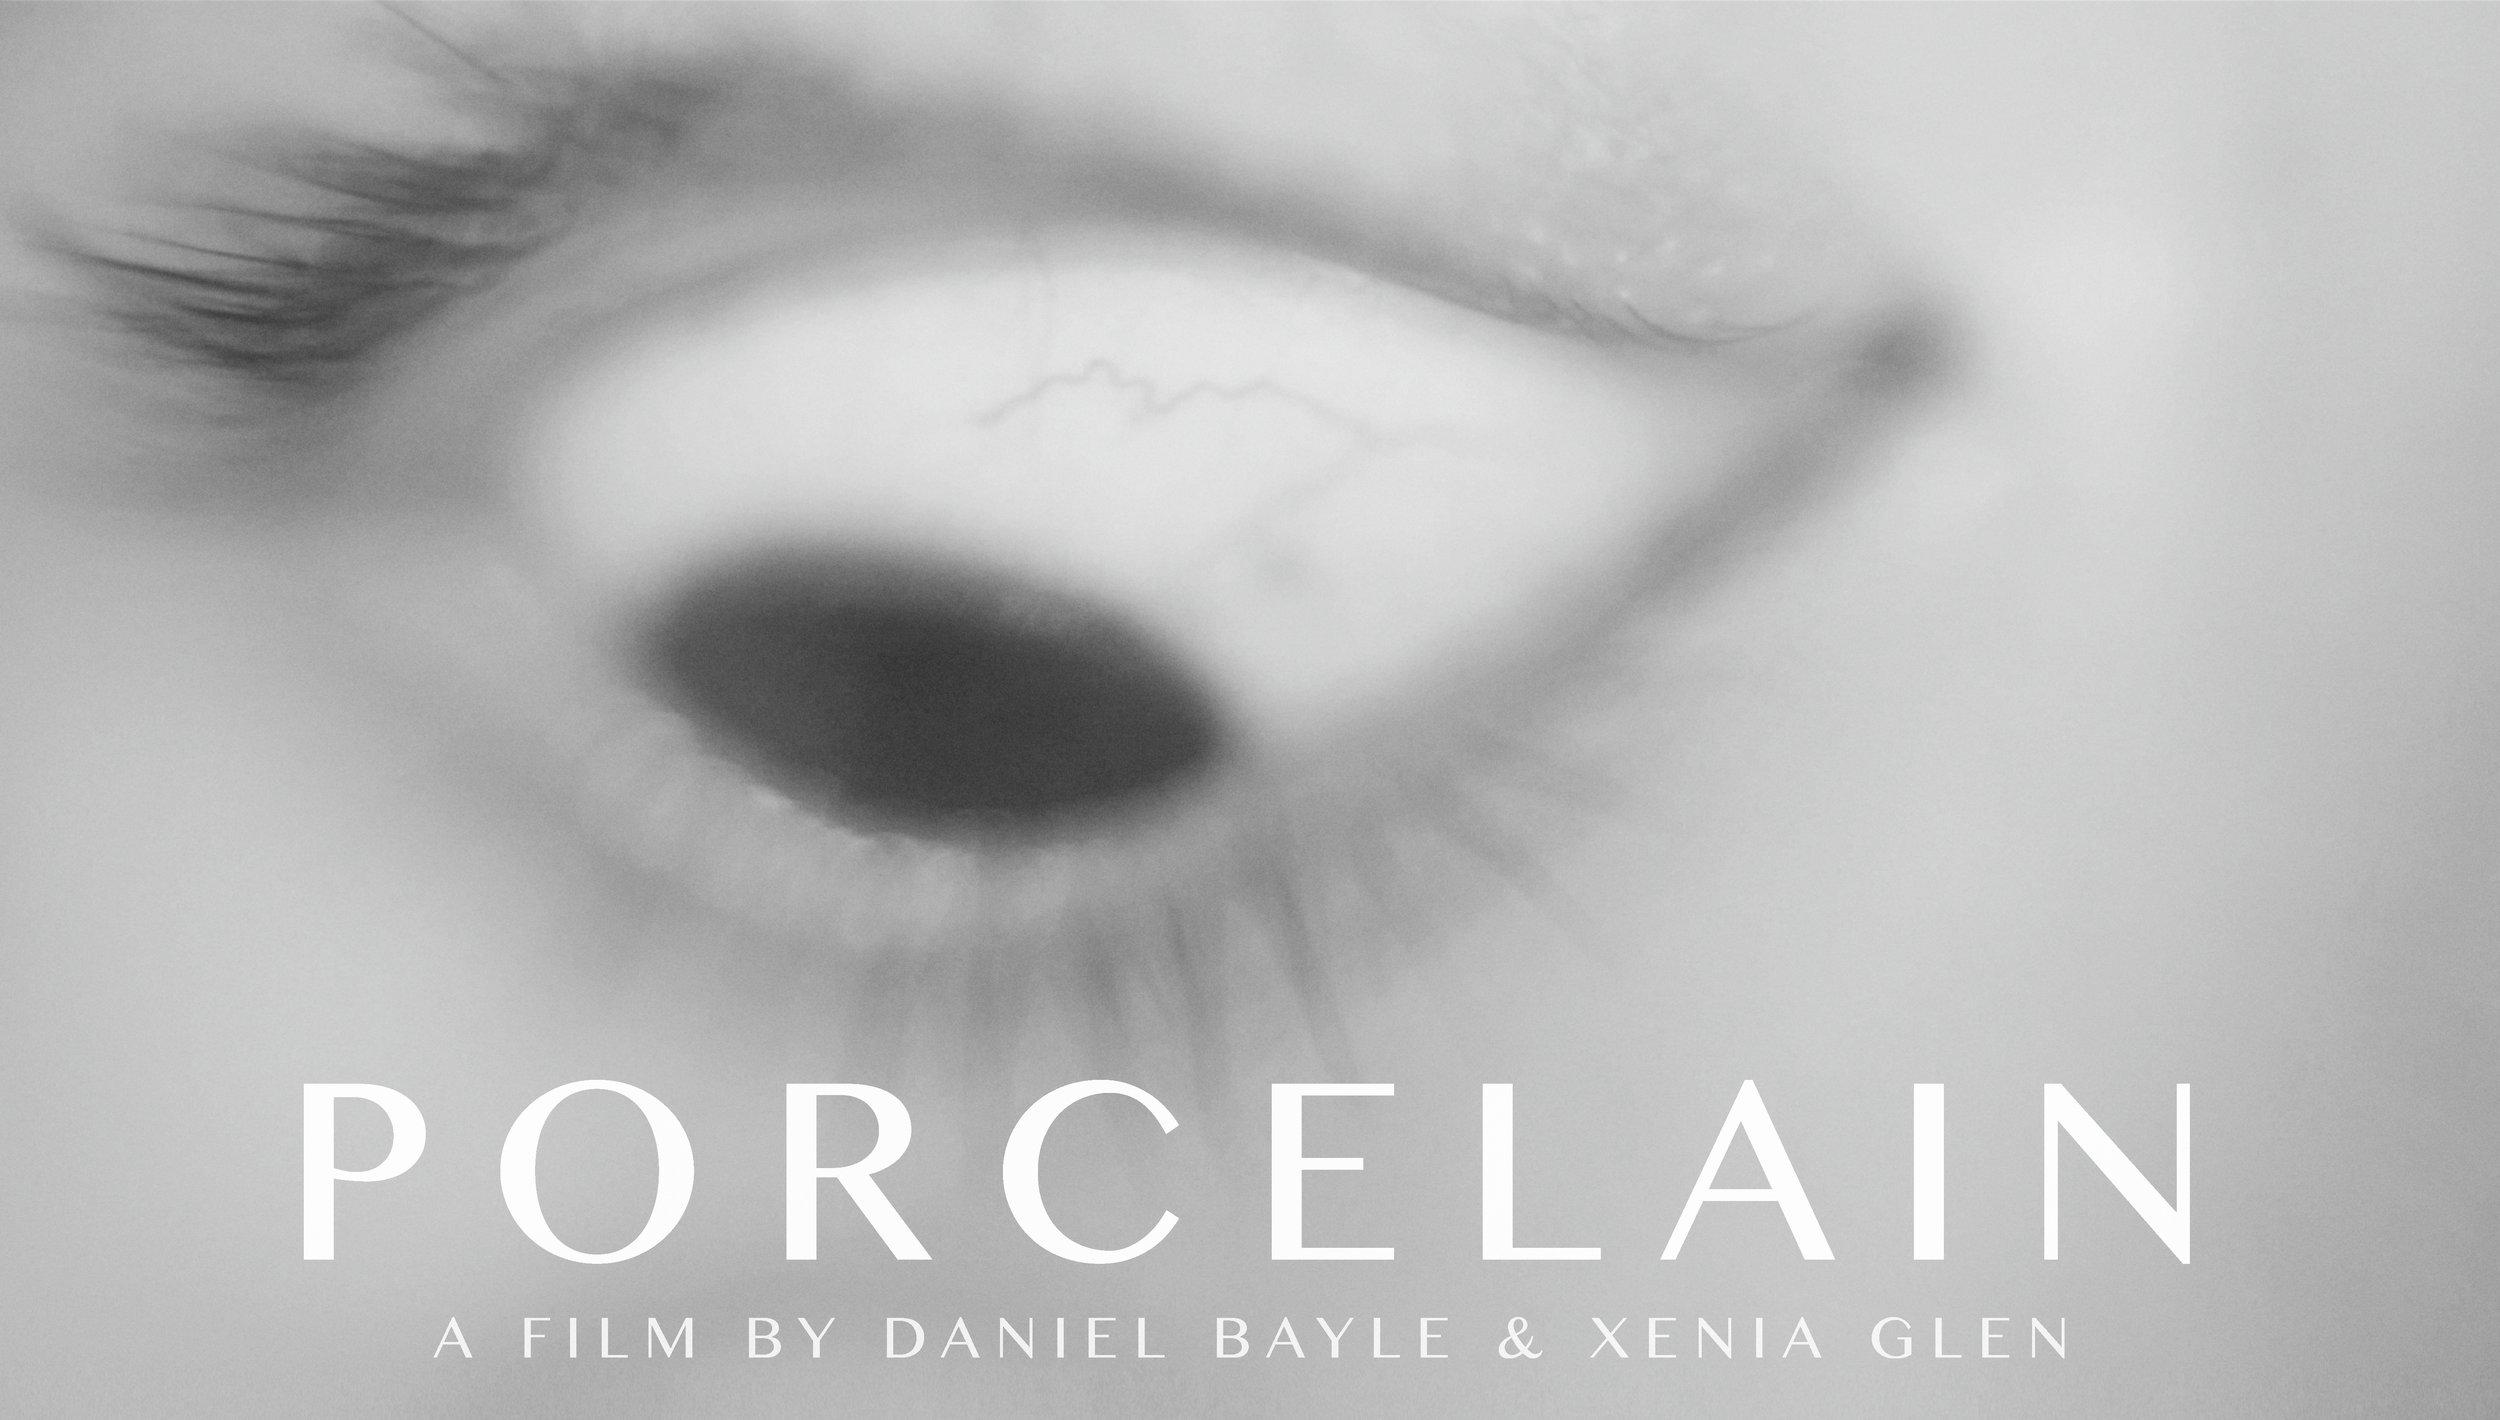 Porcelain Poster 1.jpg